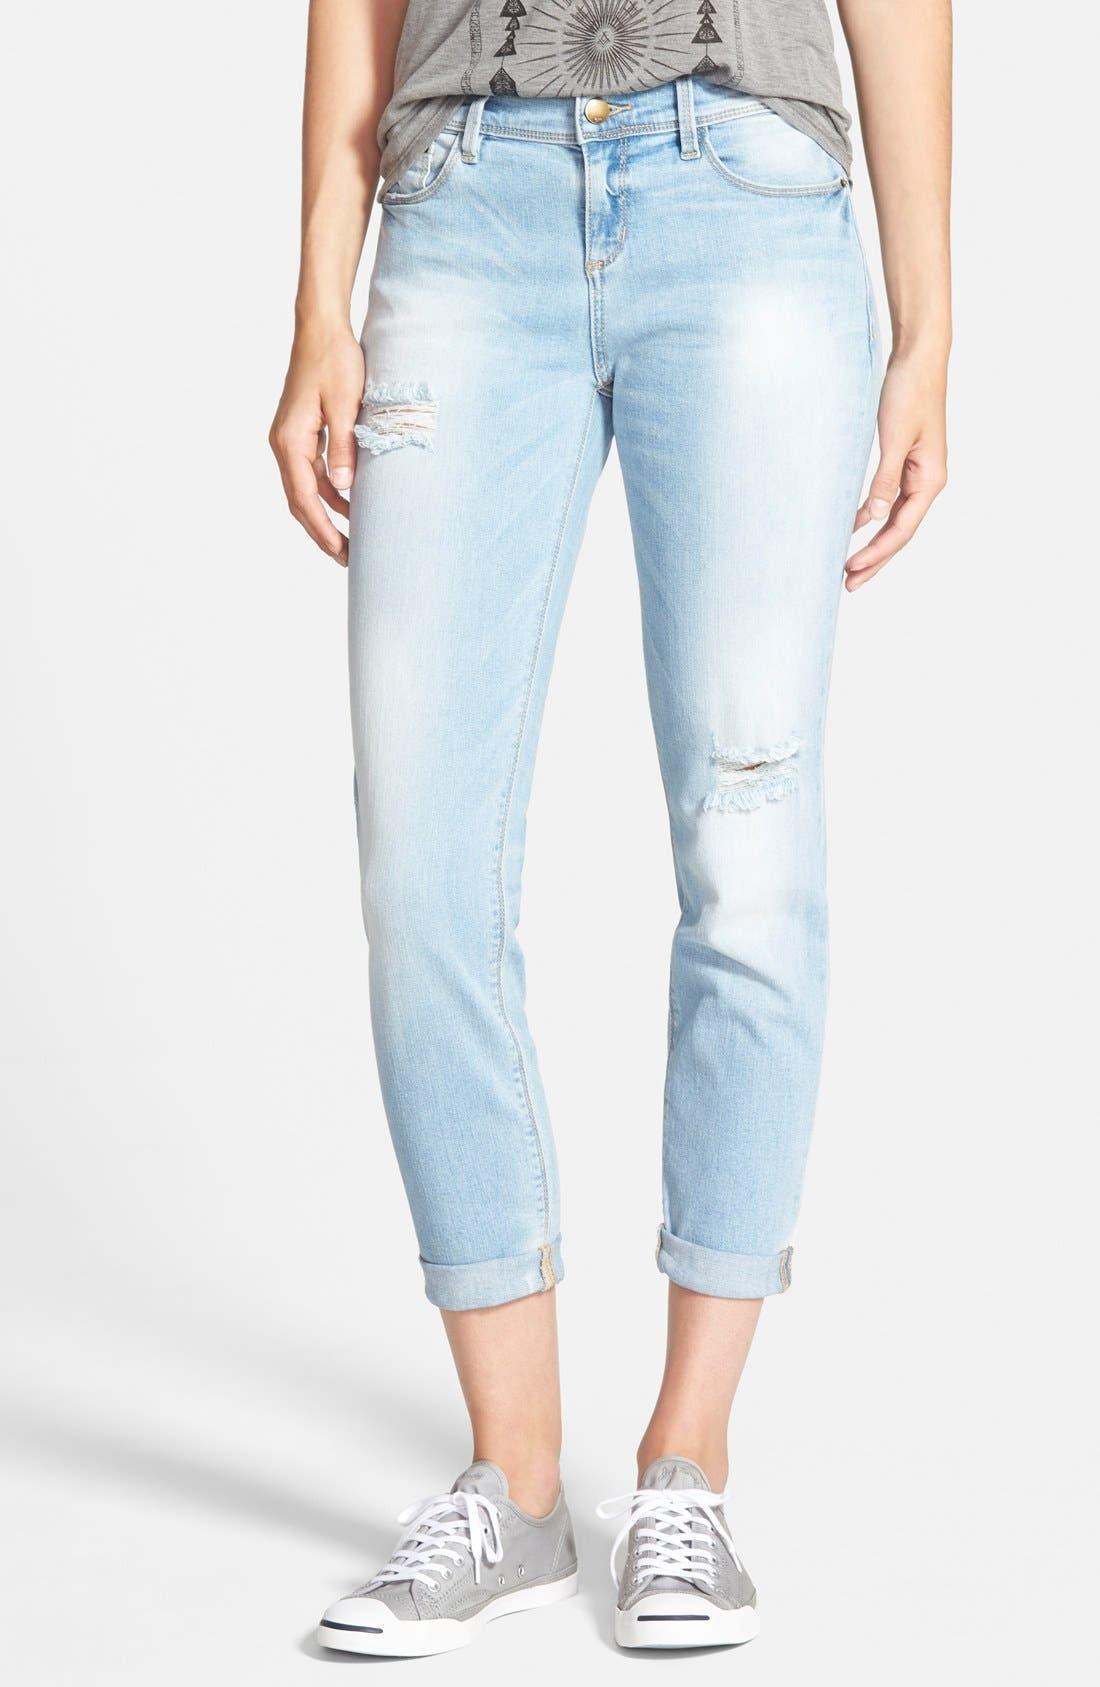 Alternate Image 1 Selected - SP Black Distressed Crop Skinny Jeans (Light Wash)